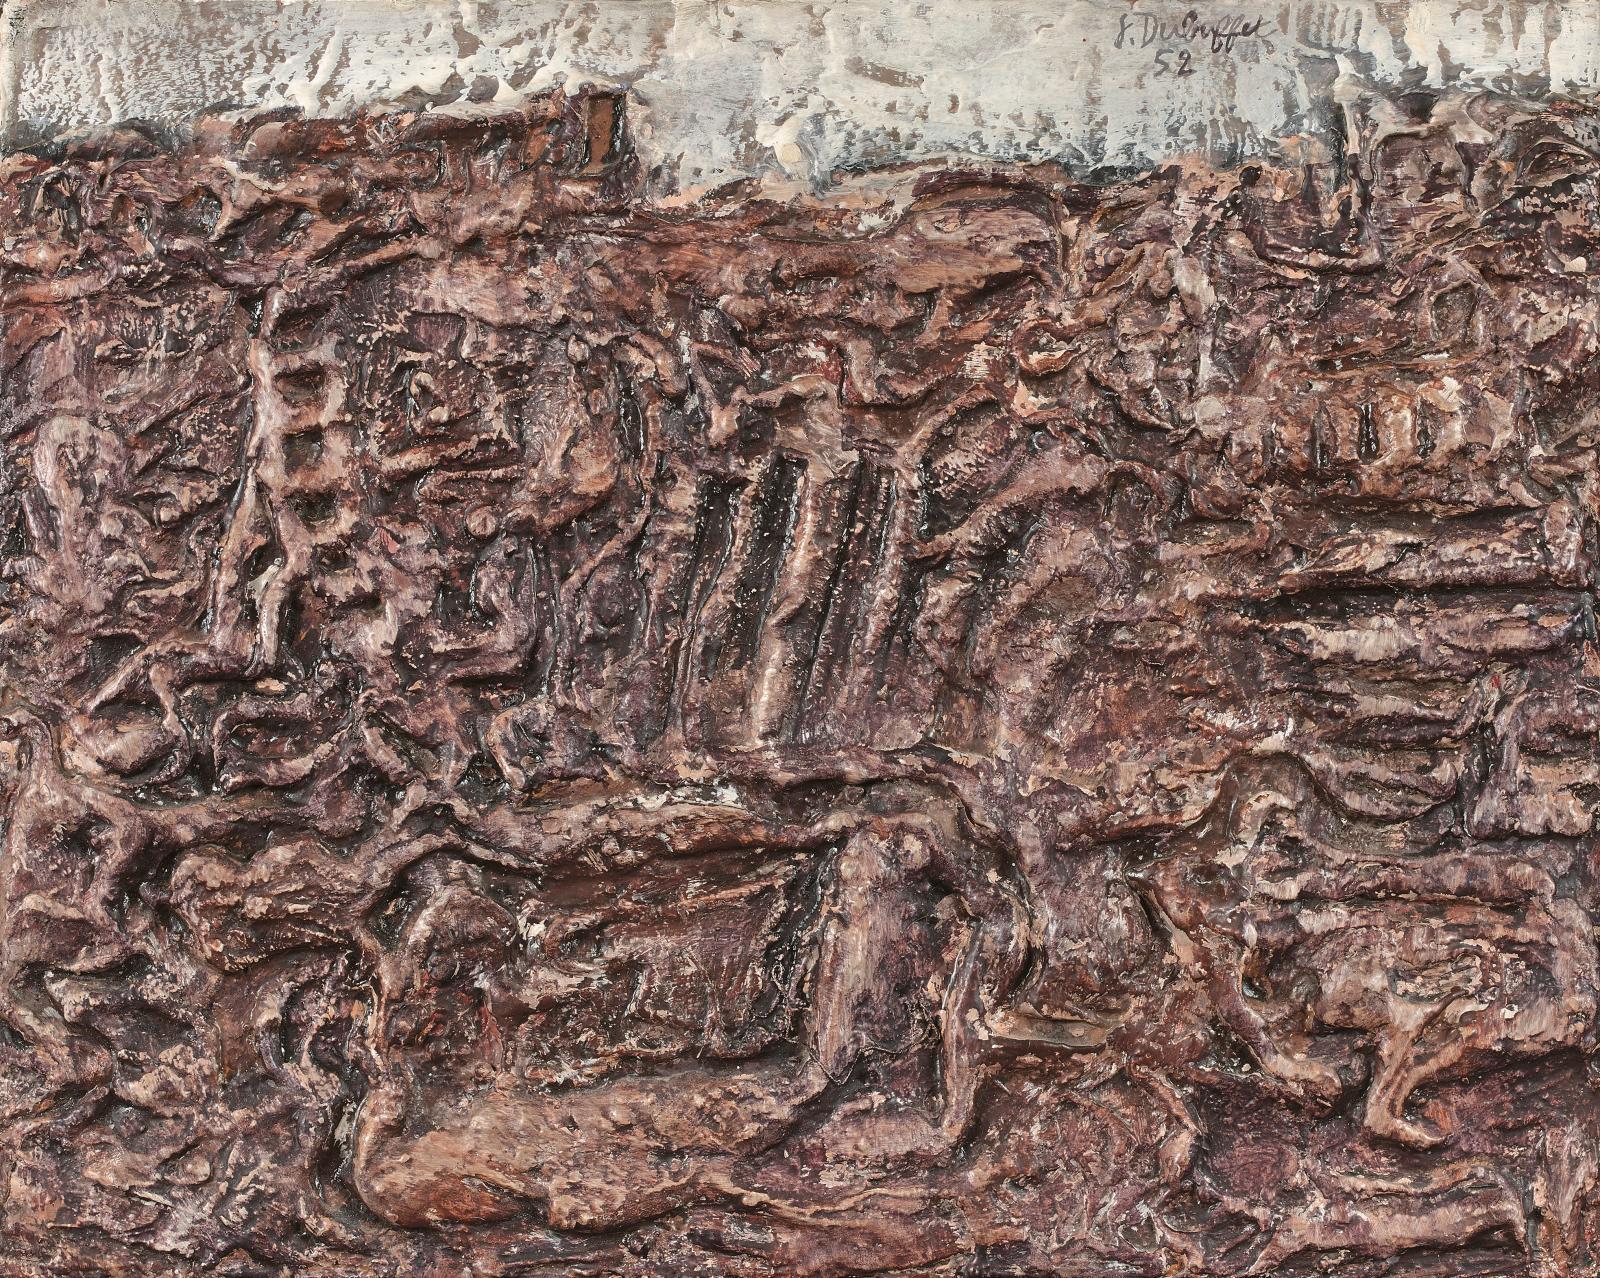 James F. Bismuth ne craignait pas d'associer sur ses murs les anciens et les modernes, bousculant les codes et affirmant sa curiosité natu